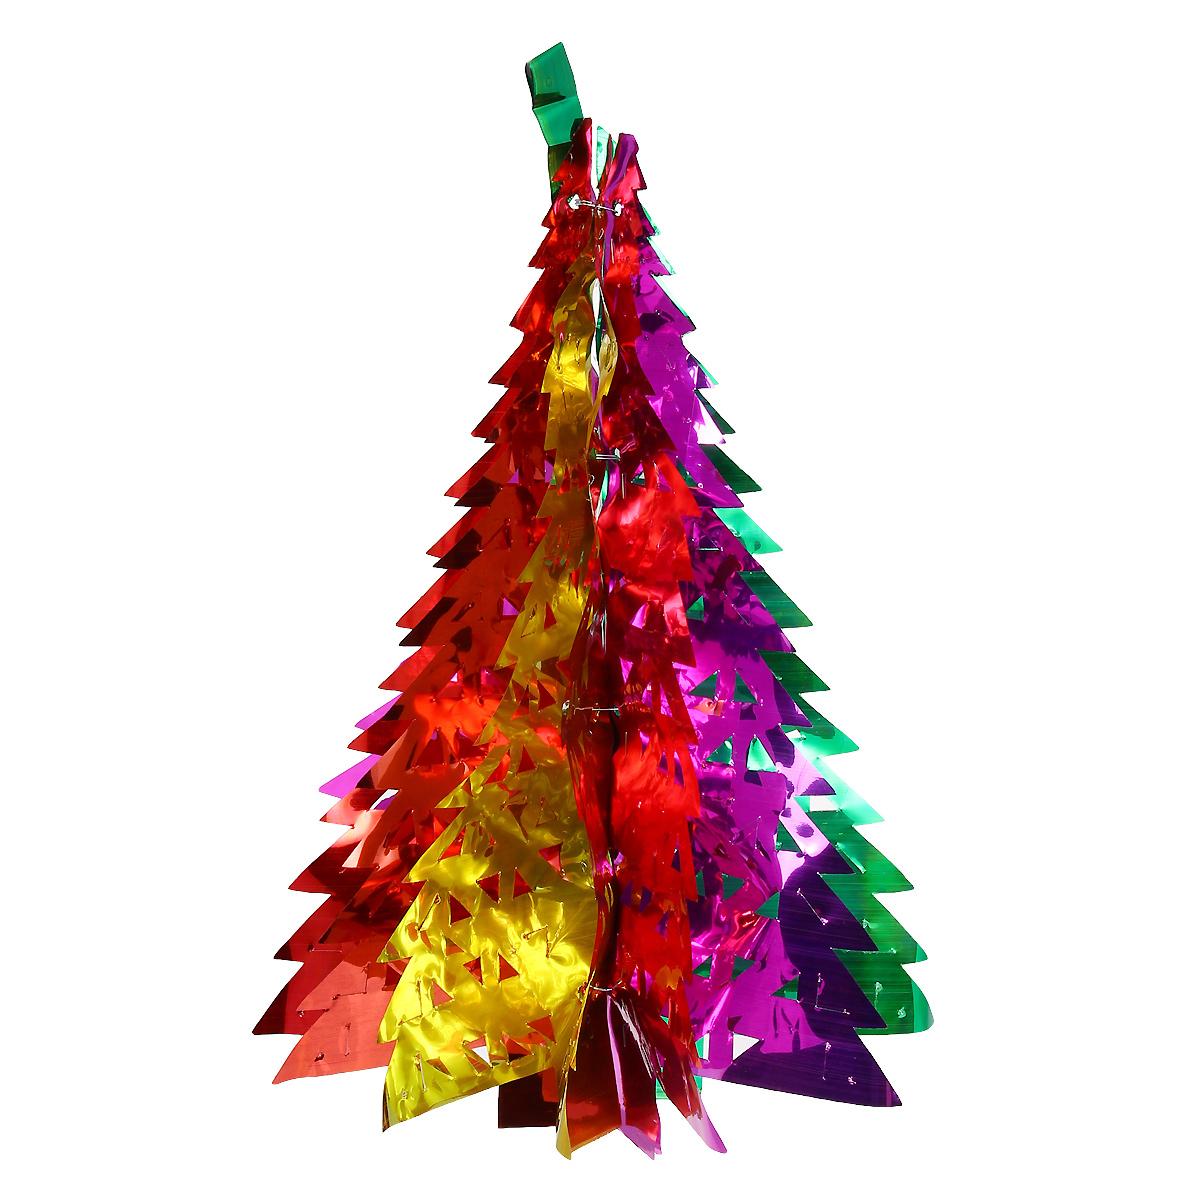 Новогодняя гирлянда Елка, цвет: мульти, 36 см х 12,5 см. 3097130971Новогодняя гирлянда прекрасно подойдет для декора дома или офиса. Украшение выполнено из разноцветной металлизированной фольги. С помощью специальных петелек гирлянду можно повесить в любом понравившемся вам месте. Украшение легко складывается и раскладывается.Новогодние украшения несут в себе волшебство и красоту праздника. Они помогут вам украсить дом к предстоящим праздникам и оживить интерьер по вашему вкусу. Создайте в доме атмосферу тепла, веселья и радости, украшая его всей семьей.